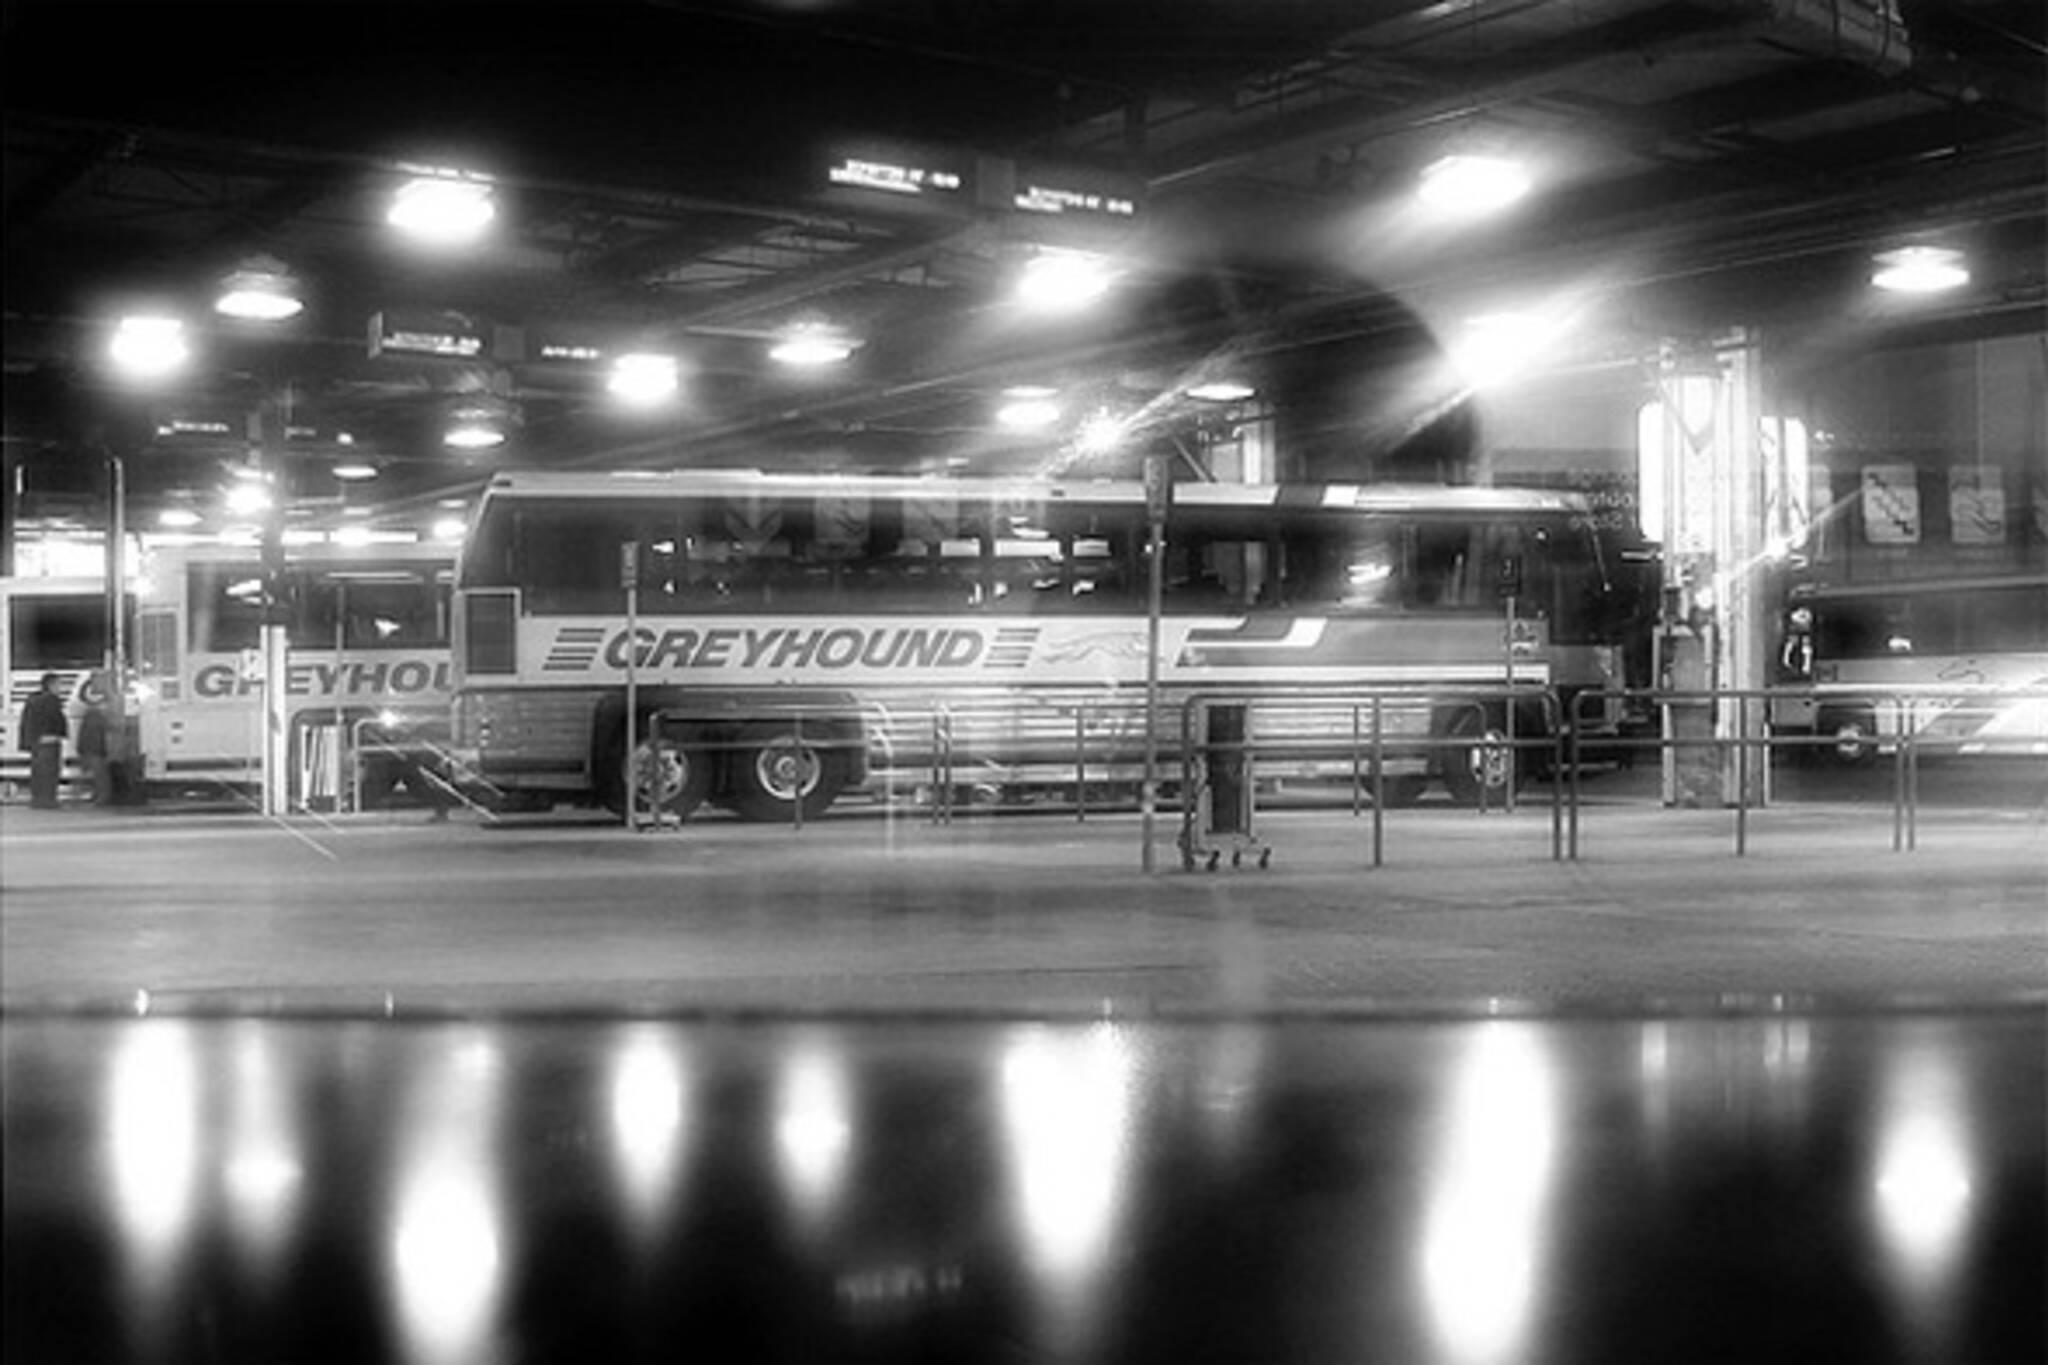 greyhound strike